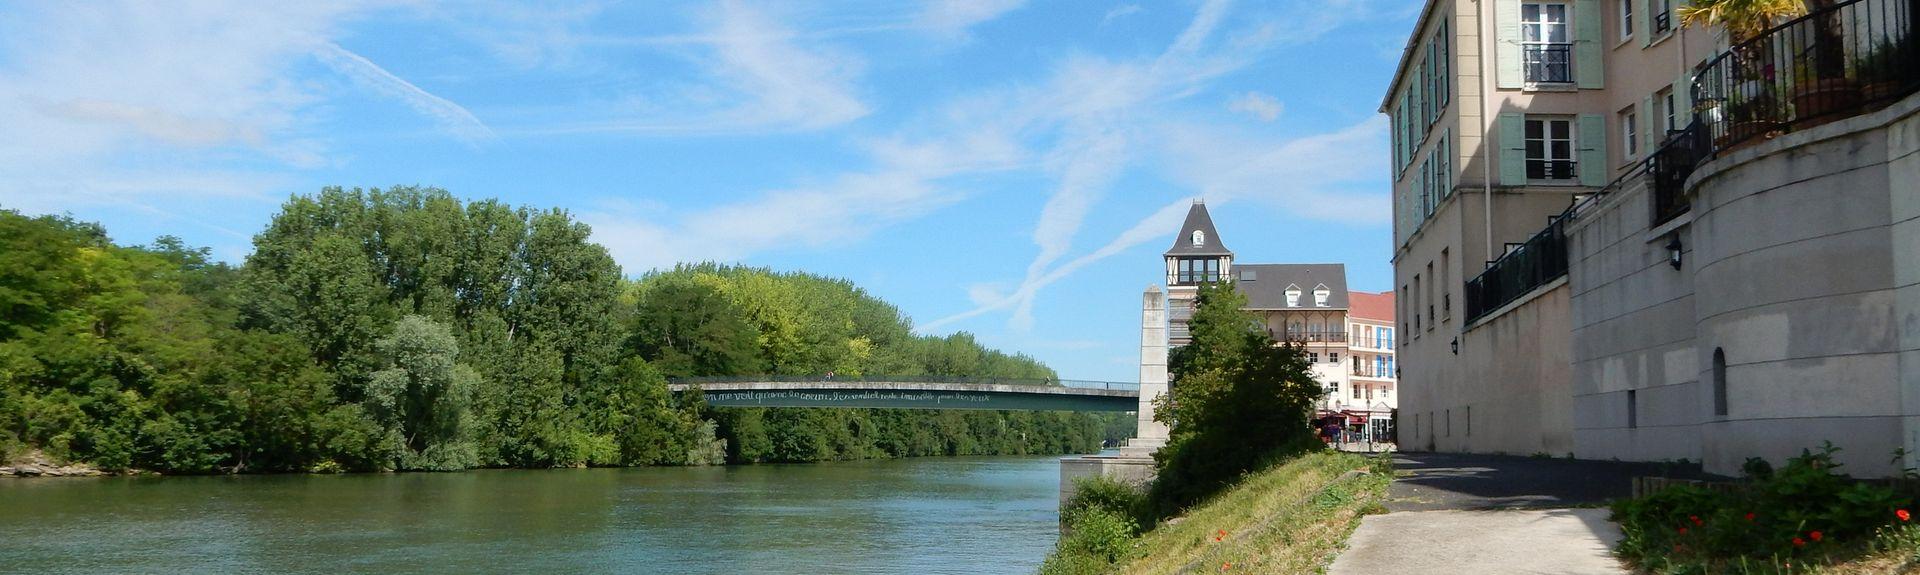 Eragny, Île-de-France, Francia